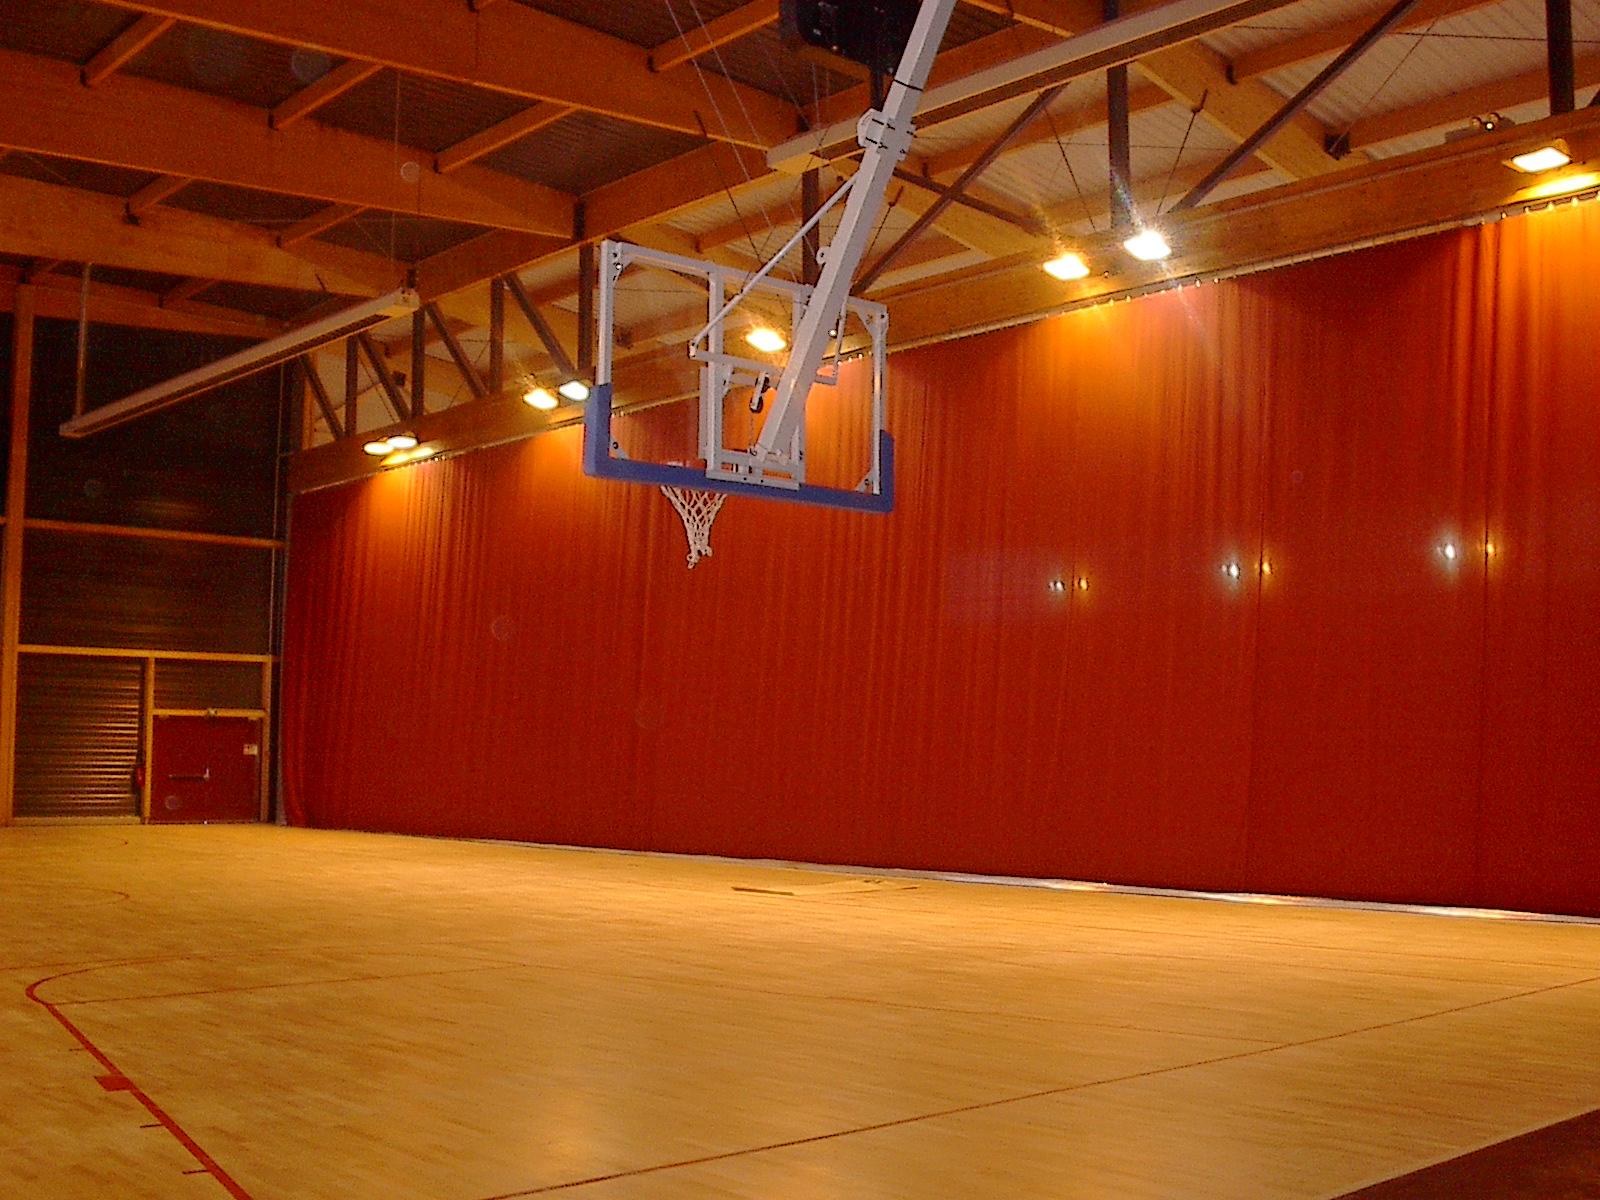 Nos réalisations-Rideaux de séparation salle de basket ORTHEZ